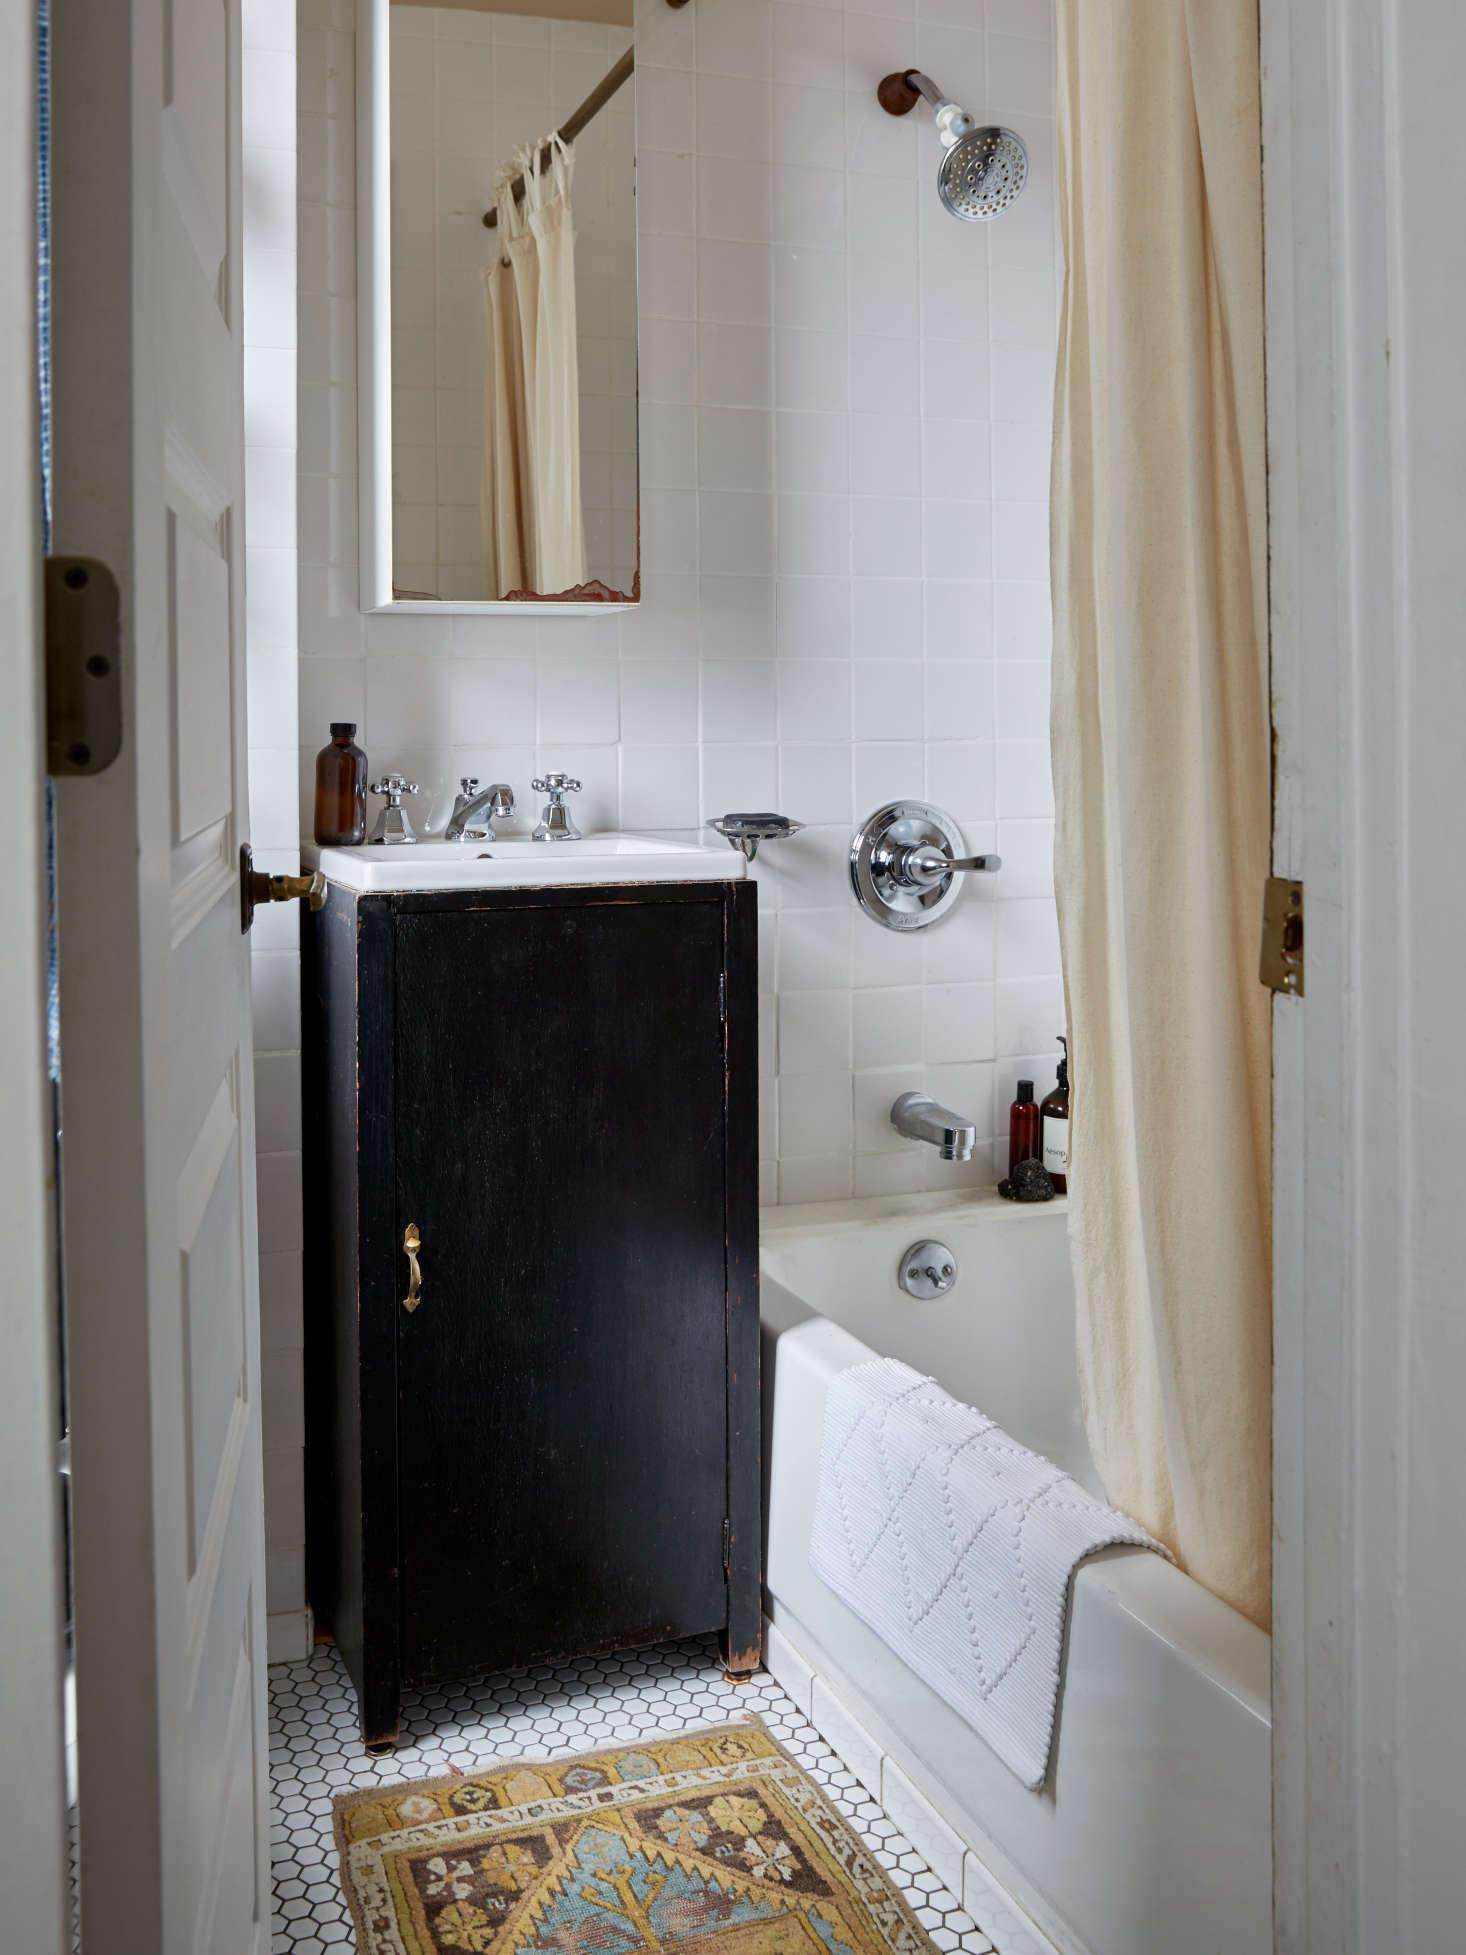 Trend Alert Vintage Rugs In The Bath Remodelista